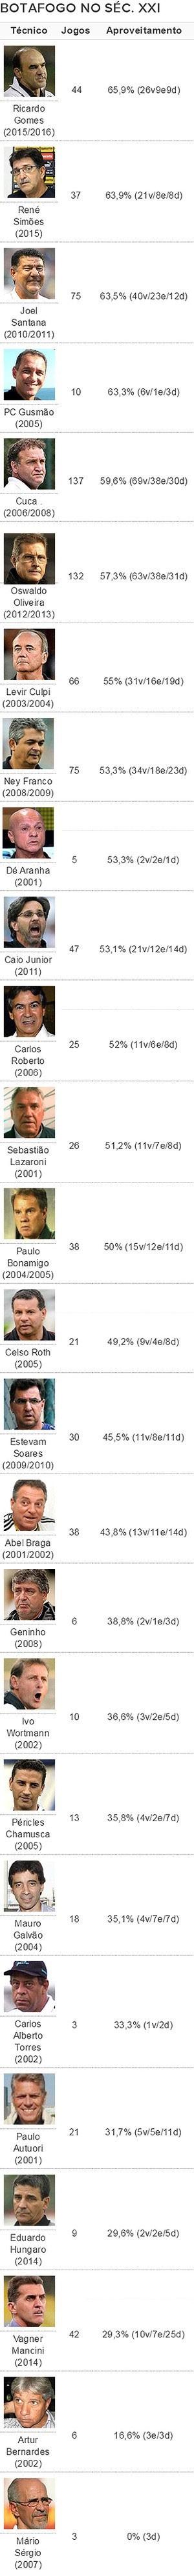 TABELA aproveitamento treinadores Botafogo (Foto: Editoria de Arte)